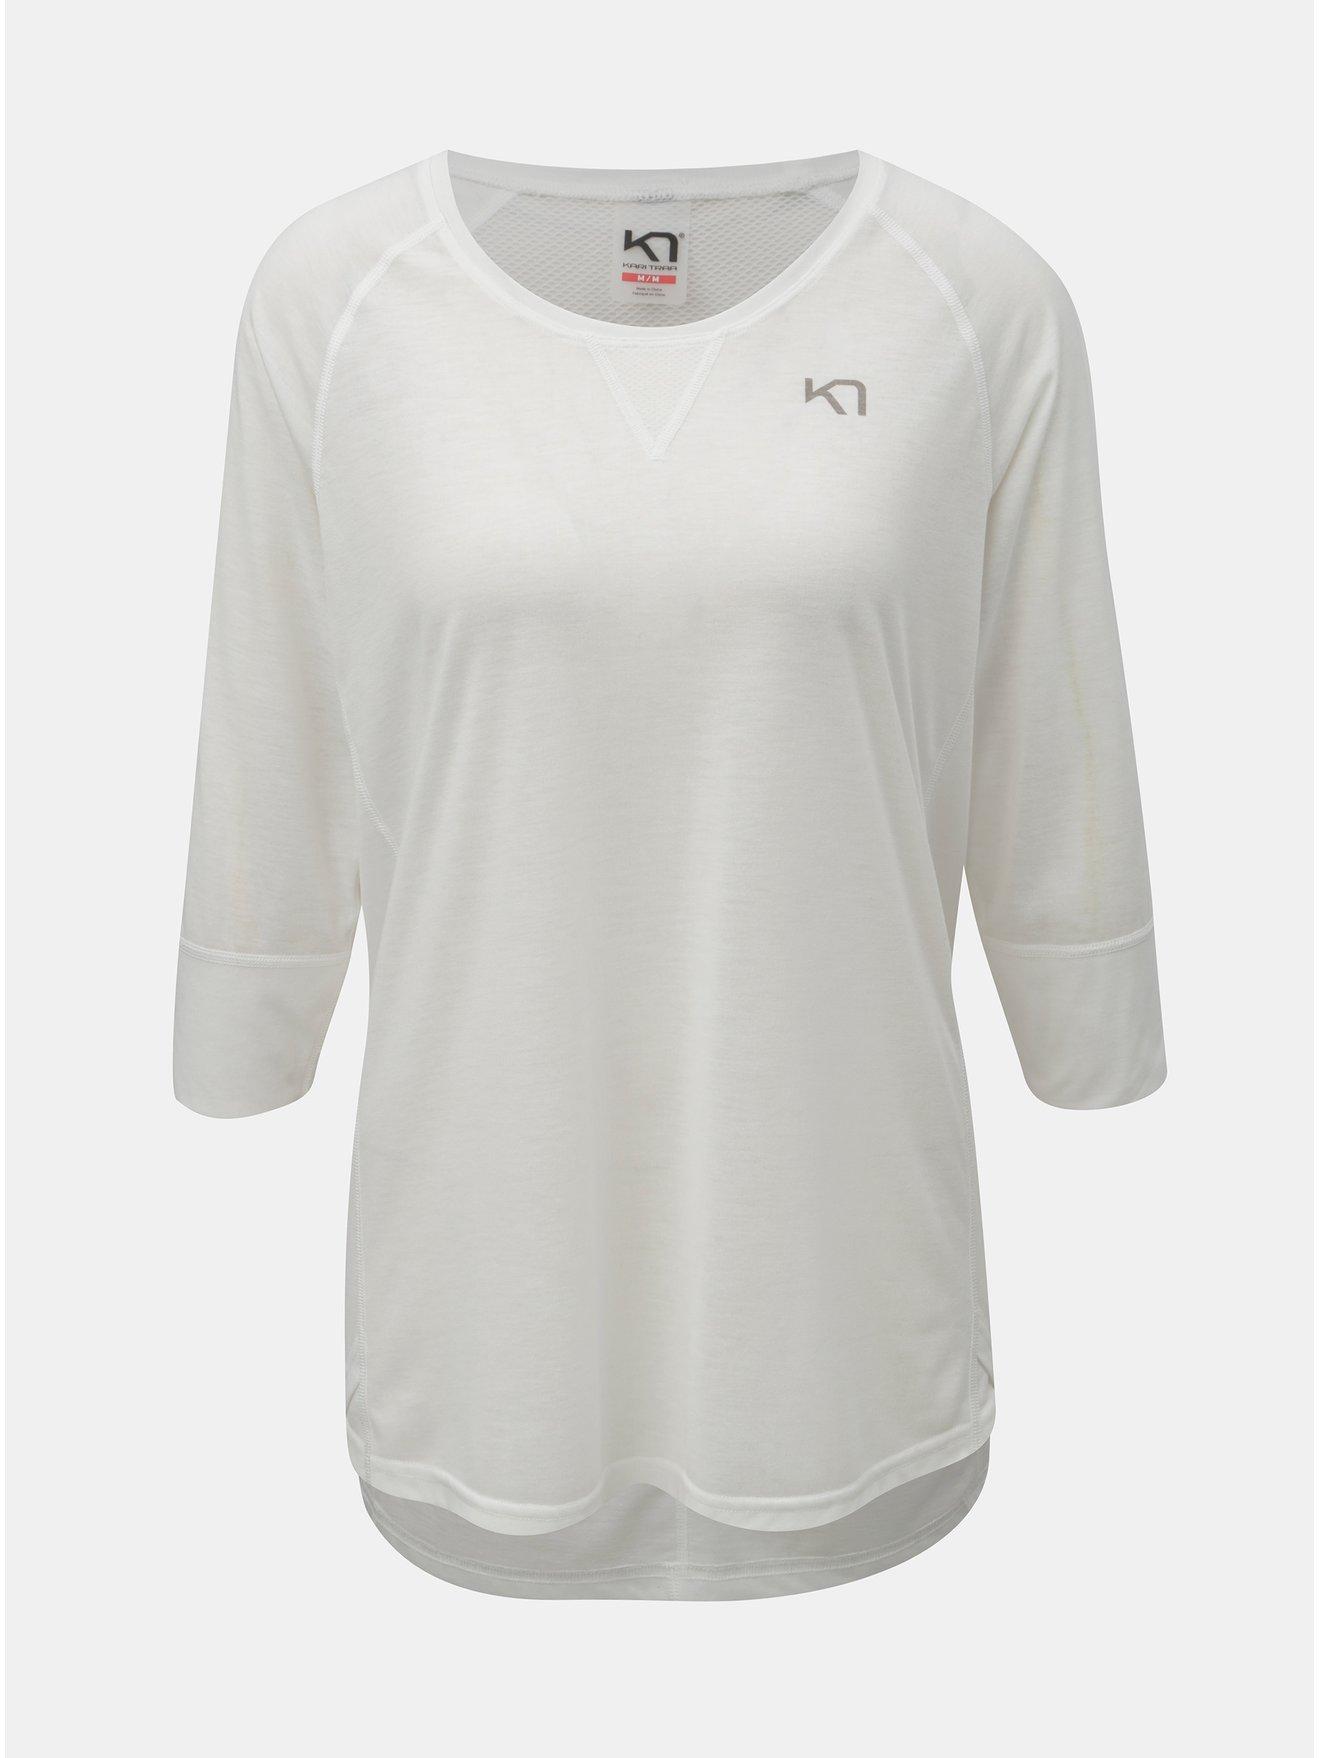 Bílé funkční tričko s 3 4 rukávem Kari Traa Julie 11b4334c17a